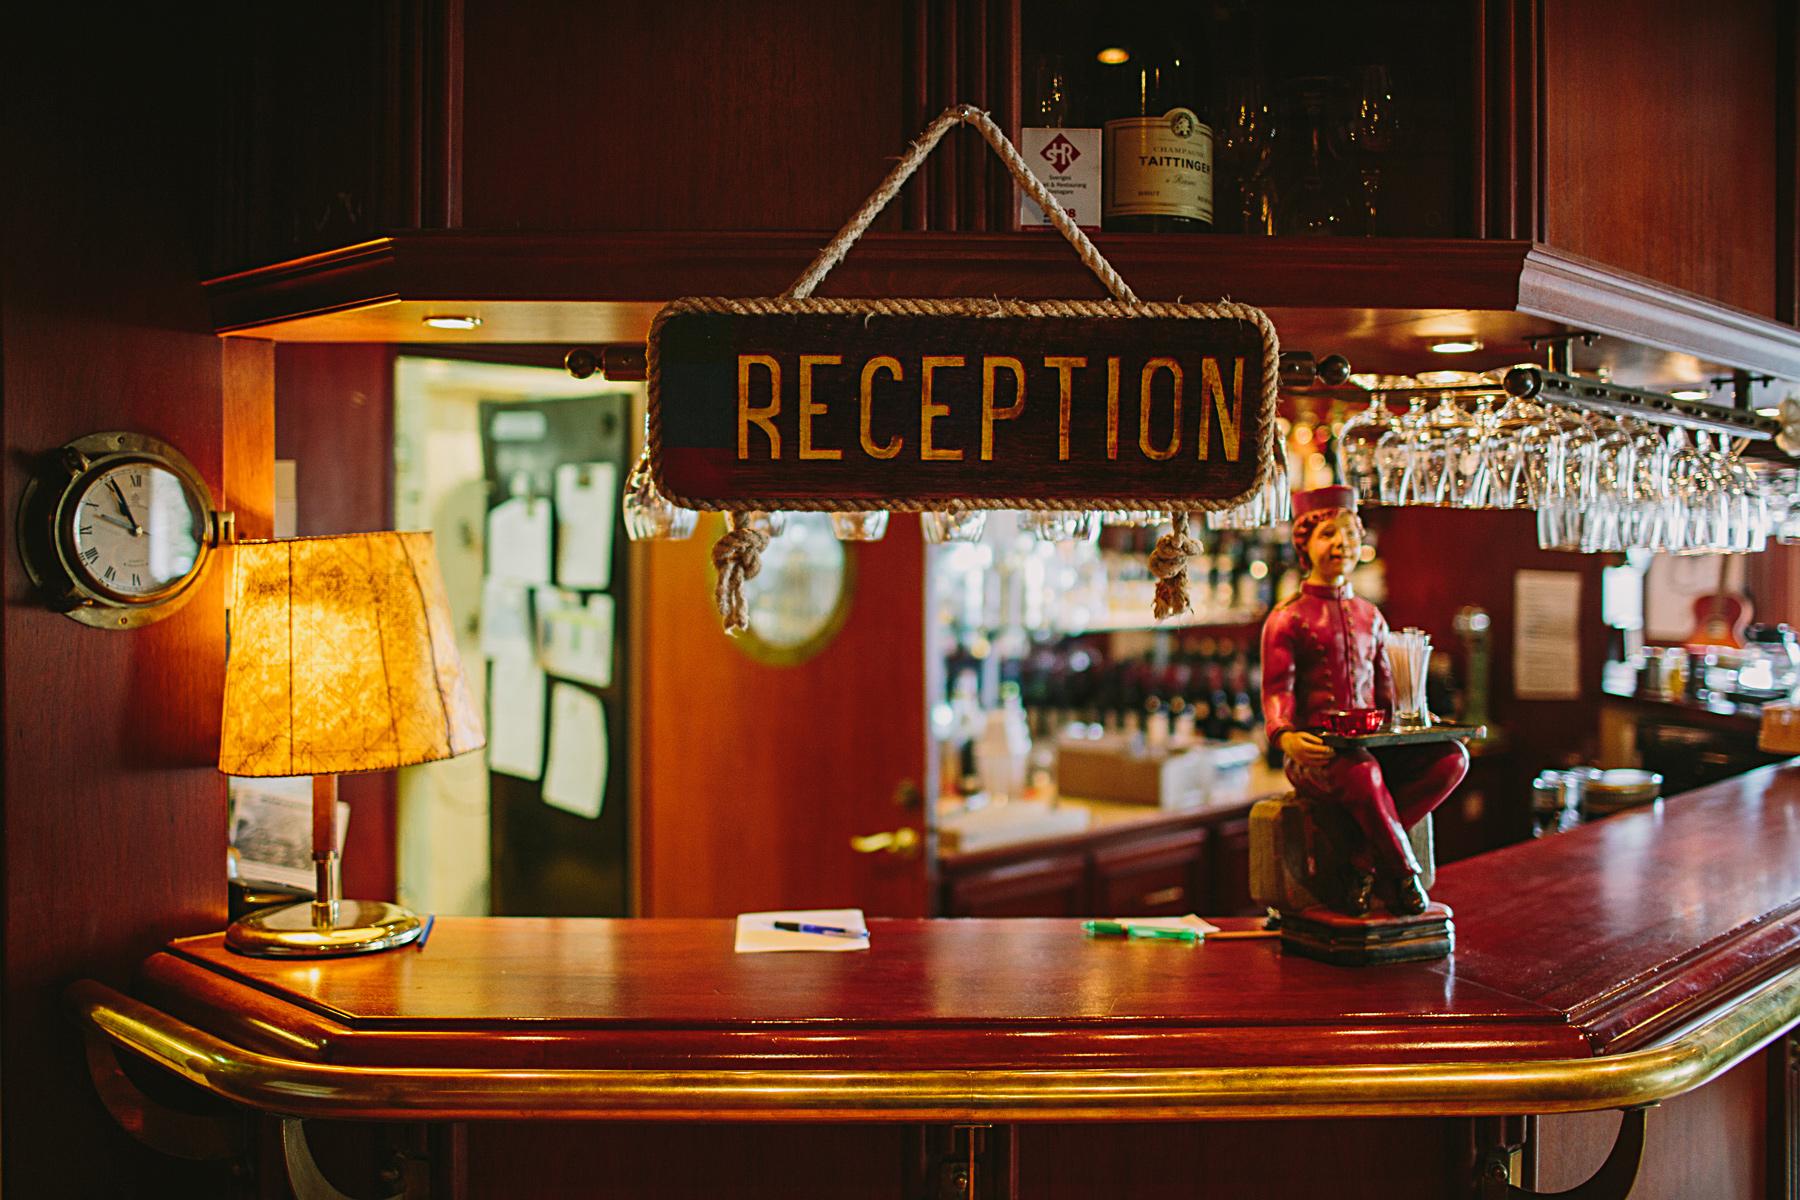 reception hotellet